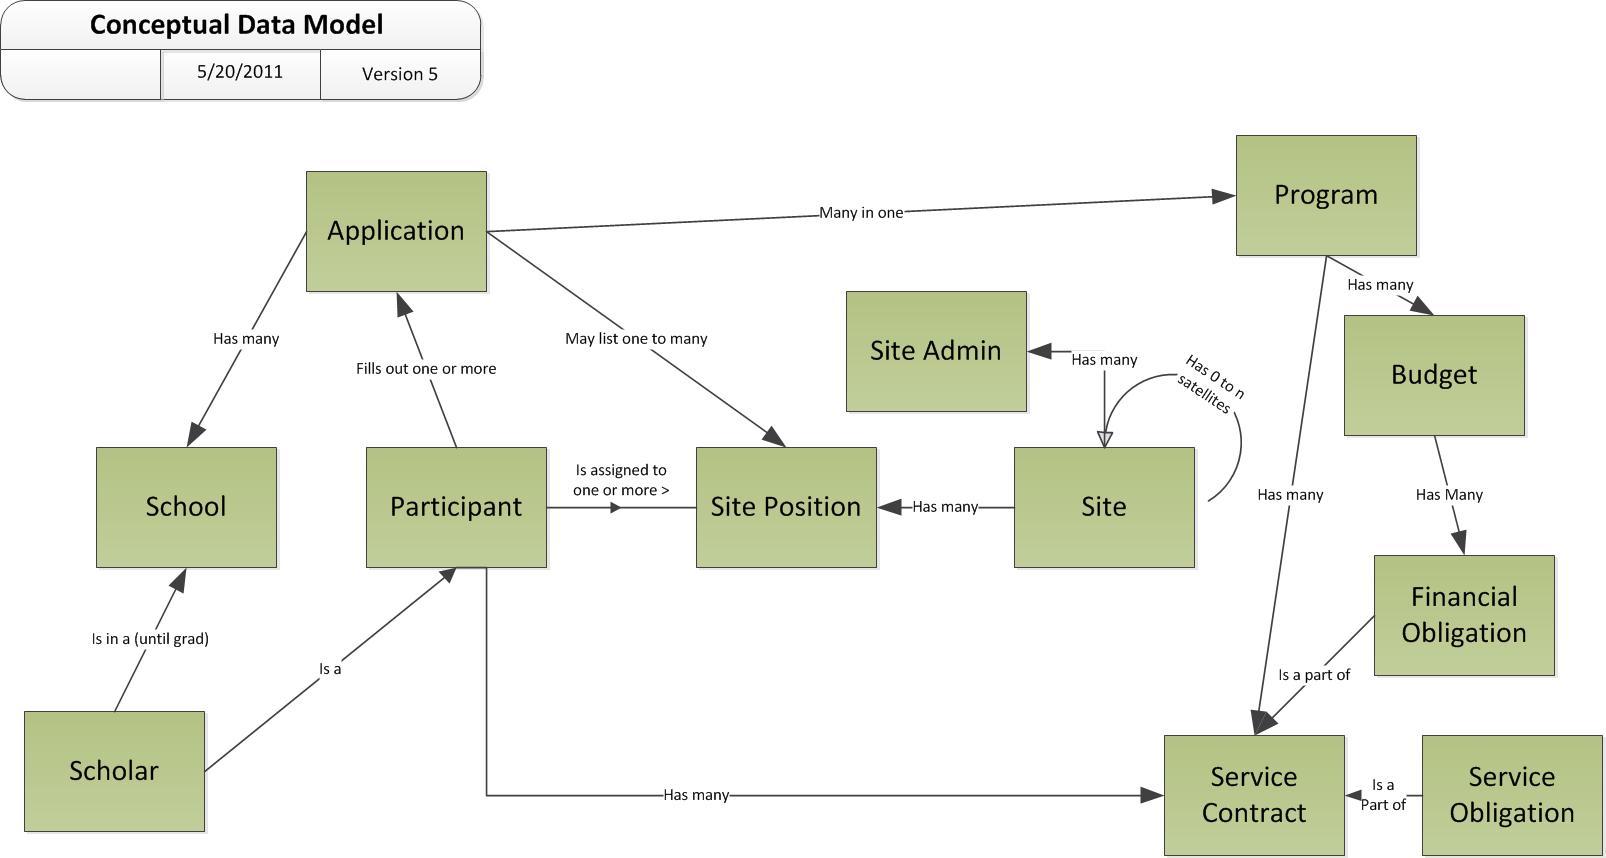 An Example Conceptual Data Model Diagram | Leonard S. Woody regarding Data Model Diagram Example